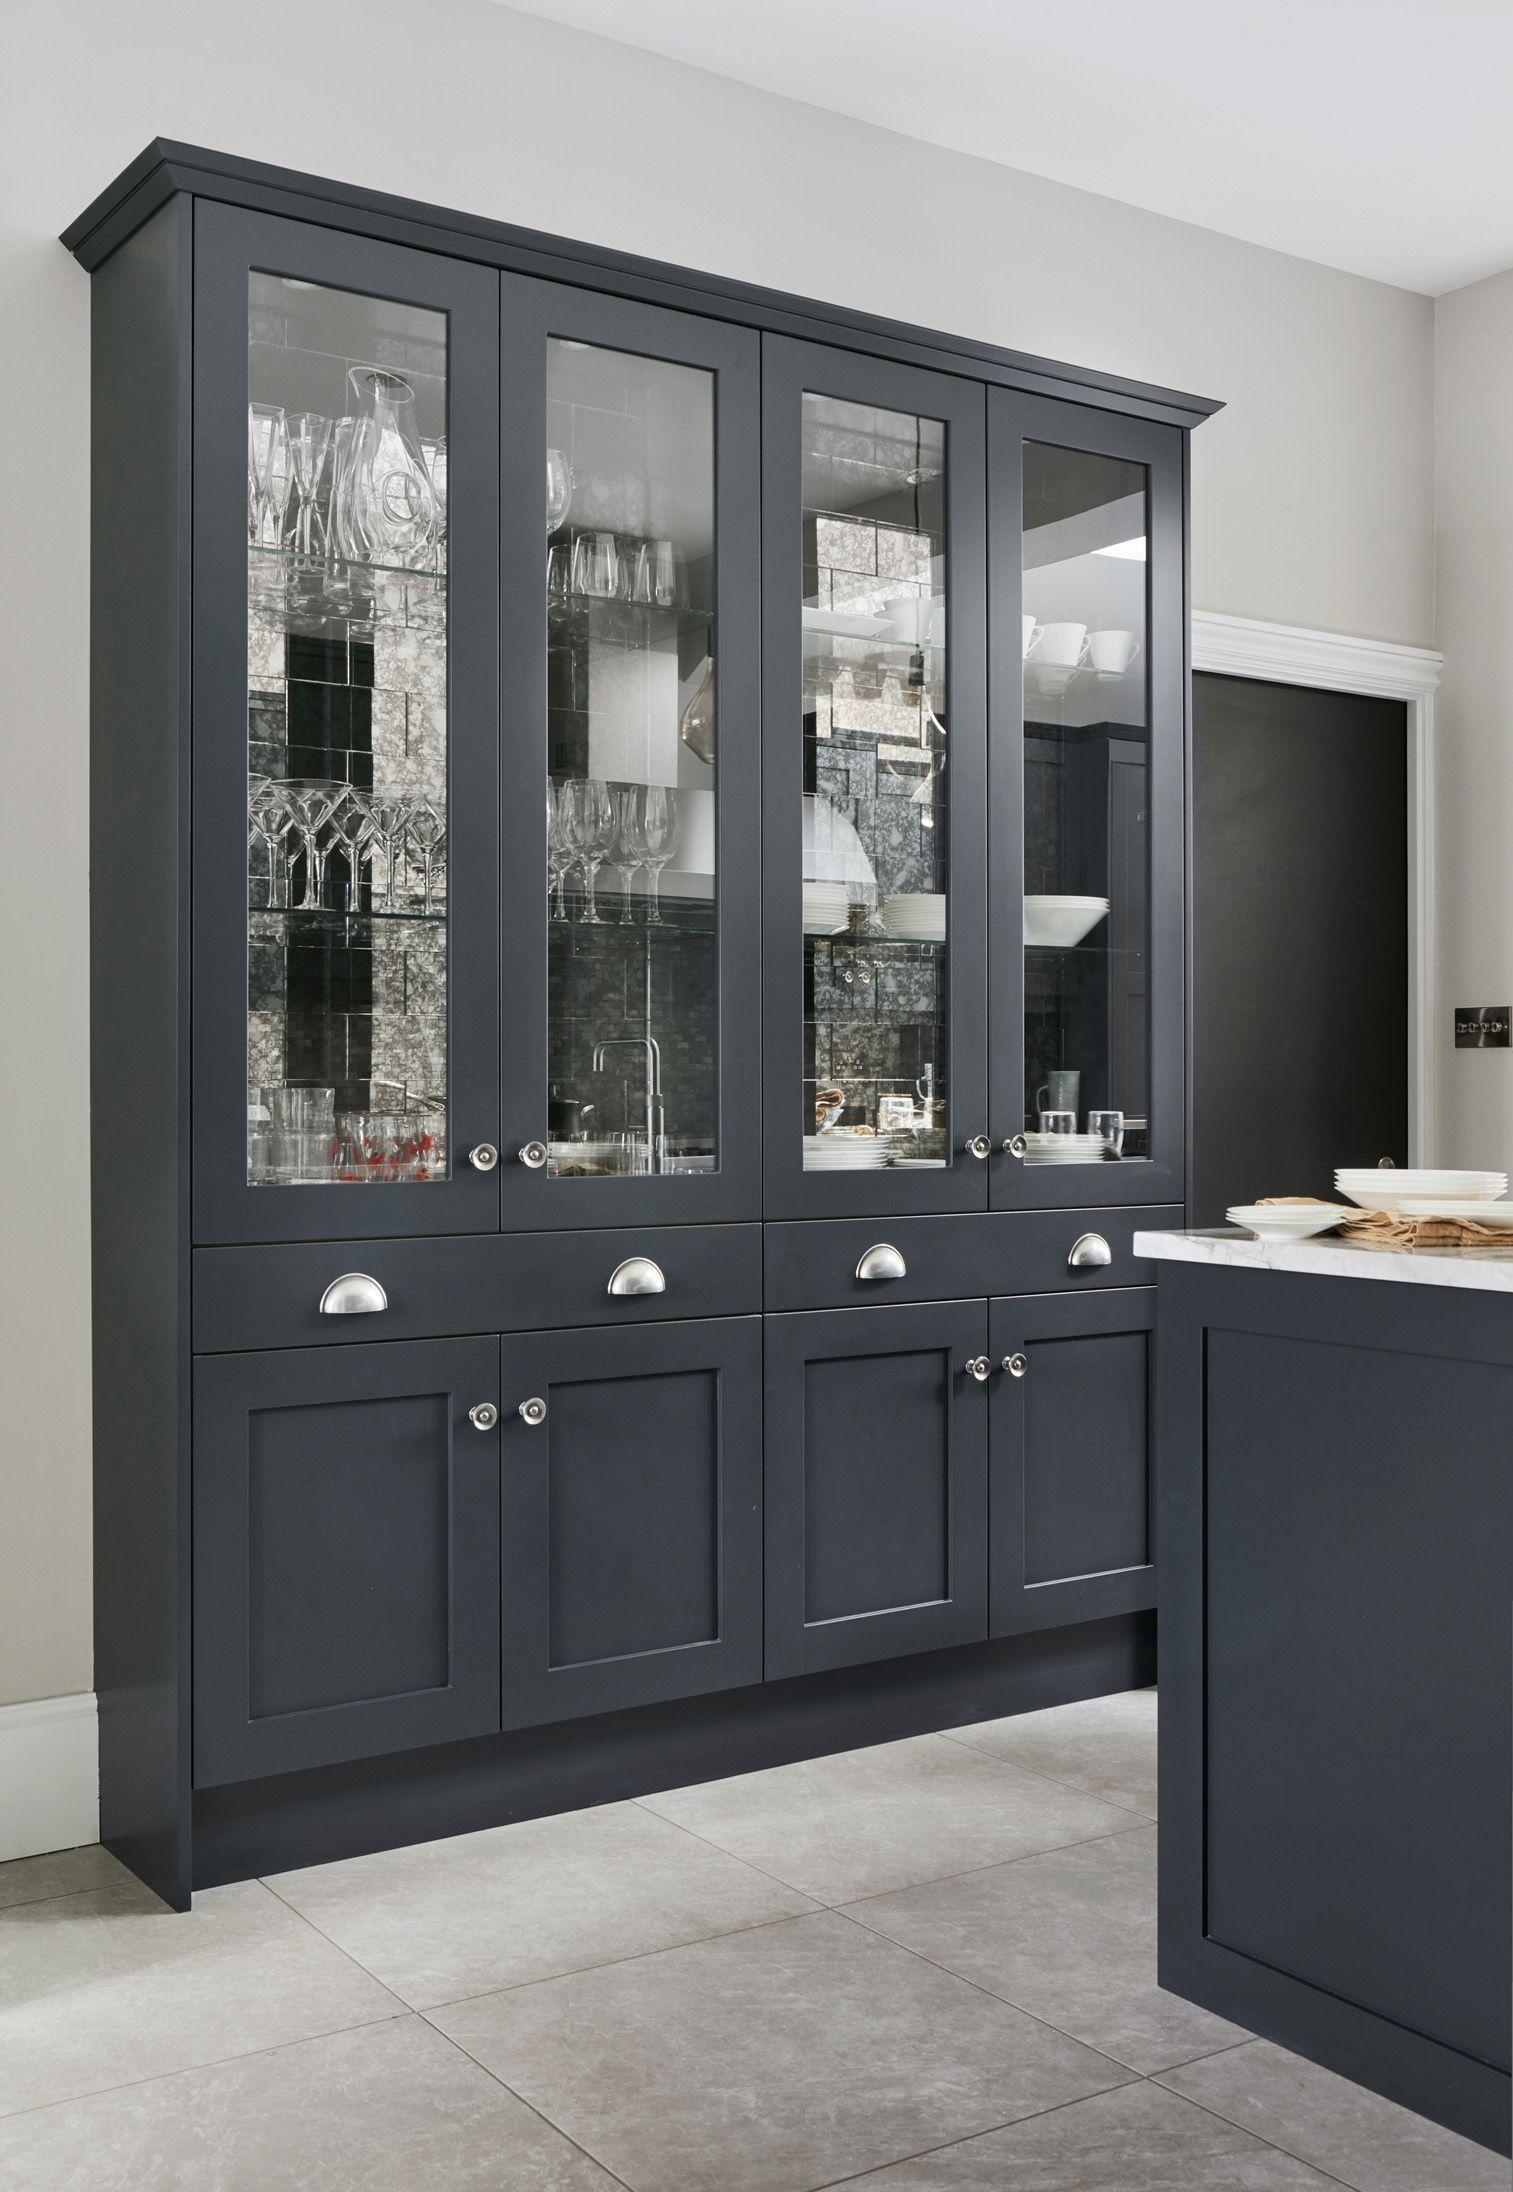 Glass Fronted Kitchen Cabinet Kitchen Display Cabinet Dining Room Dresser Kitchen Furniture Storage